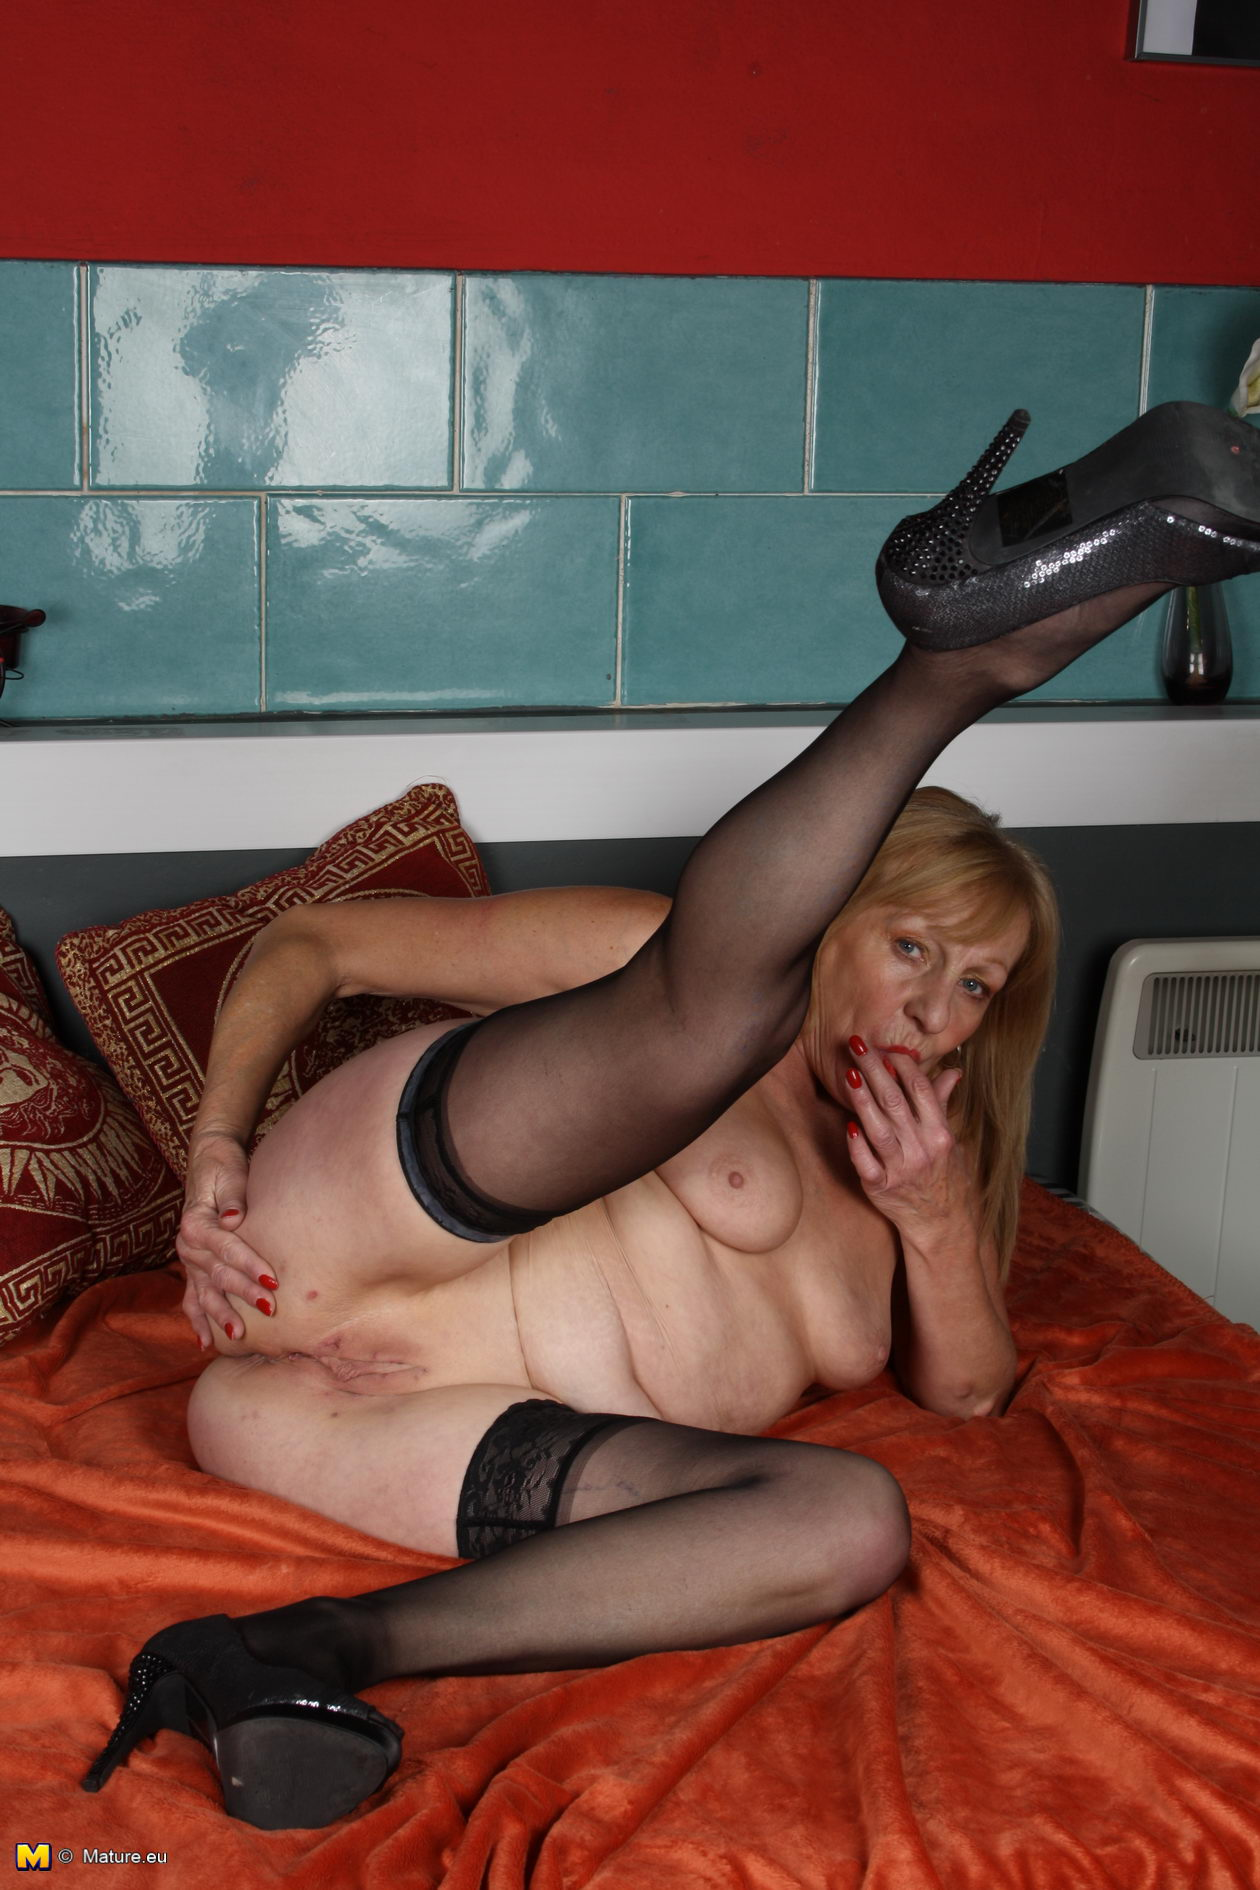 Sophia vergara nude pictures